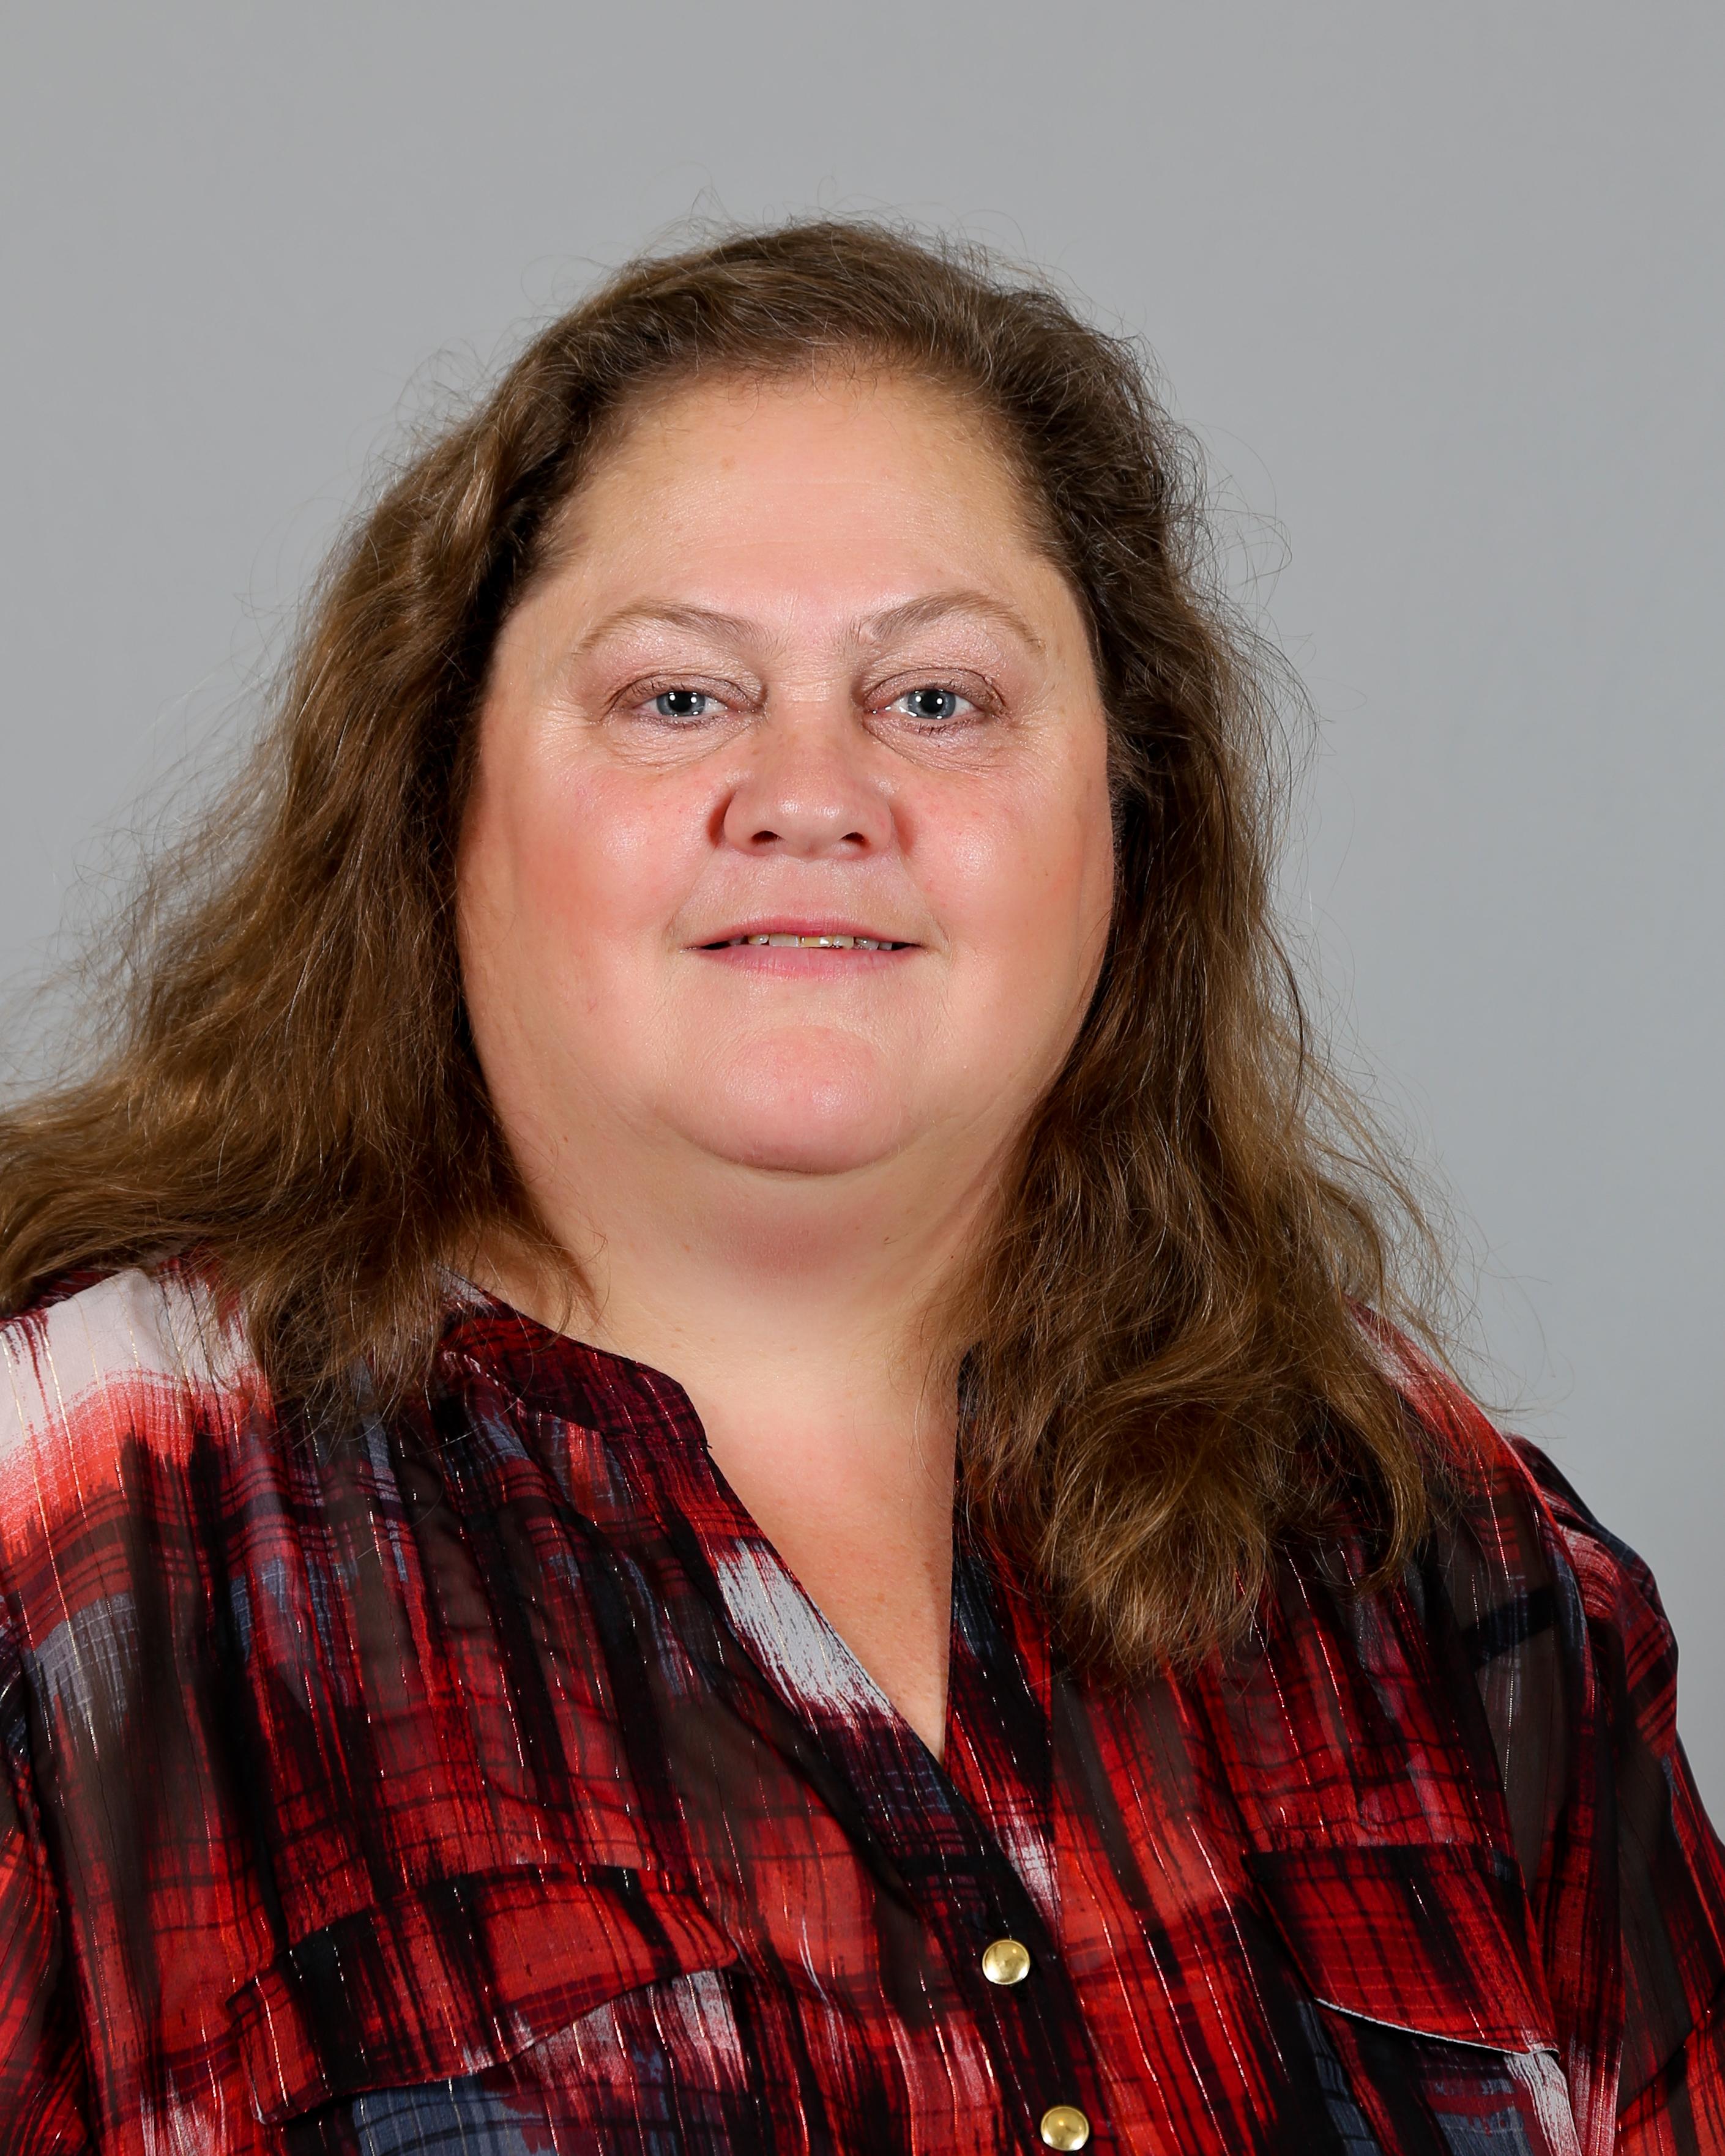 Julia Ogden Portrait Photo